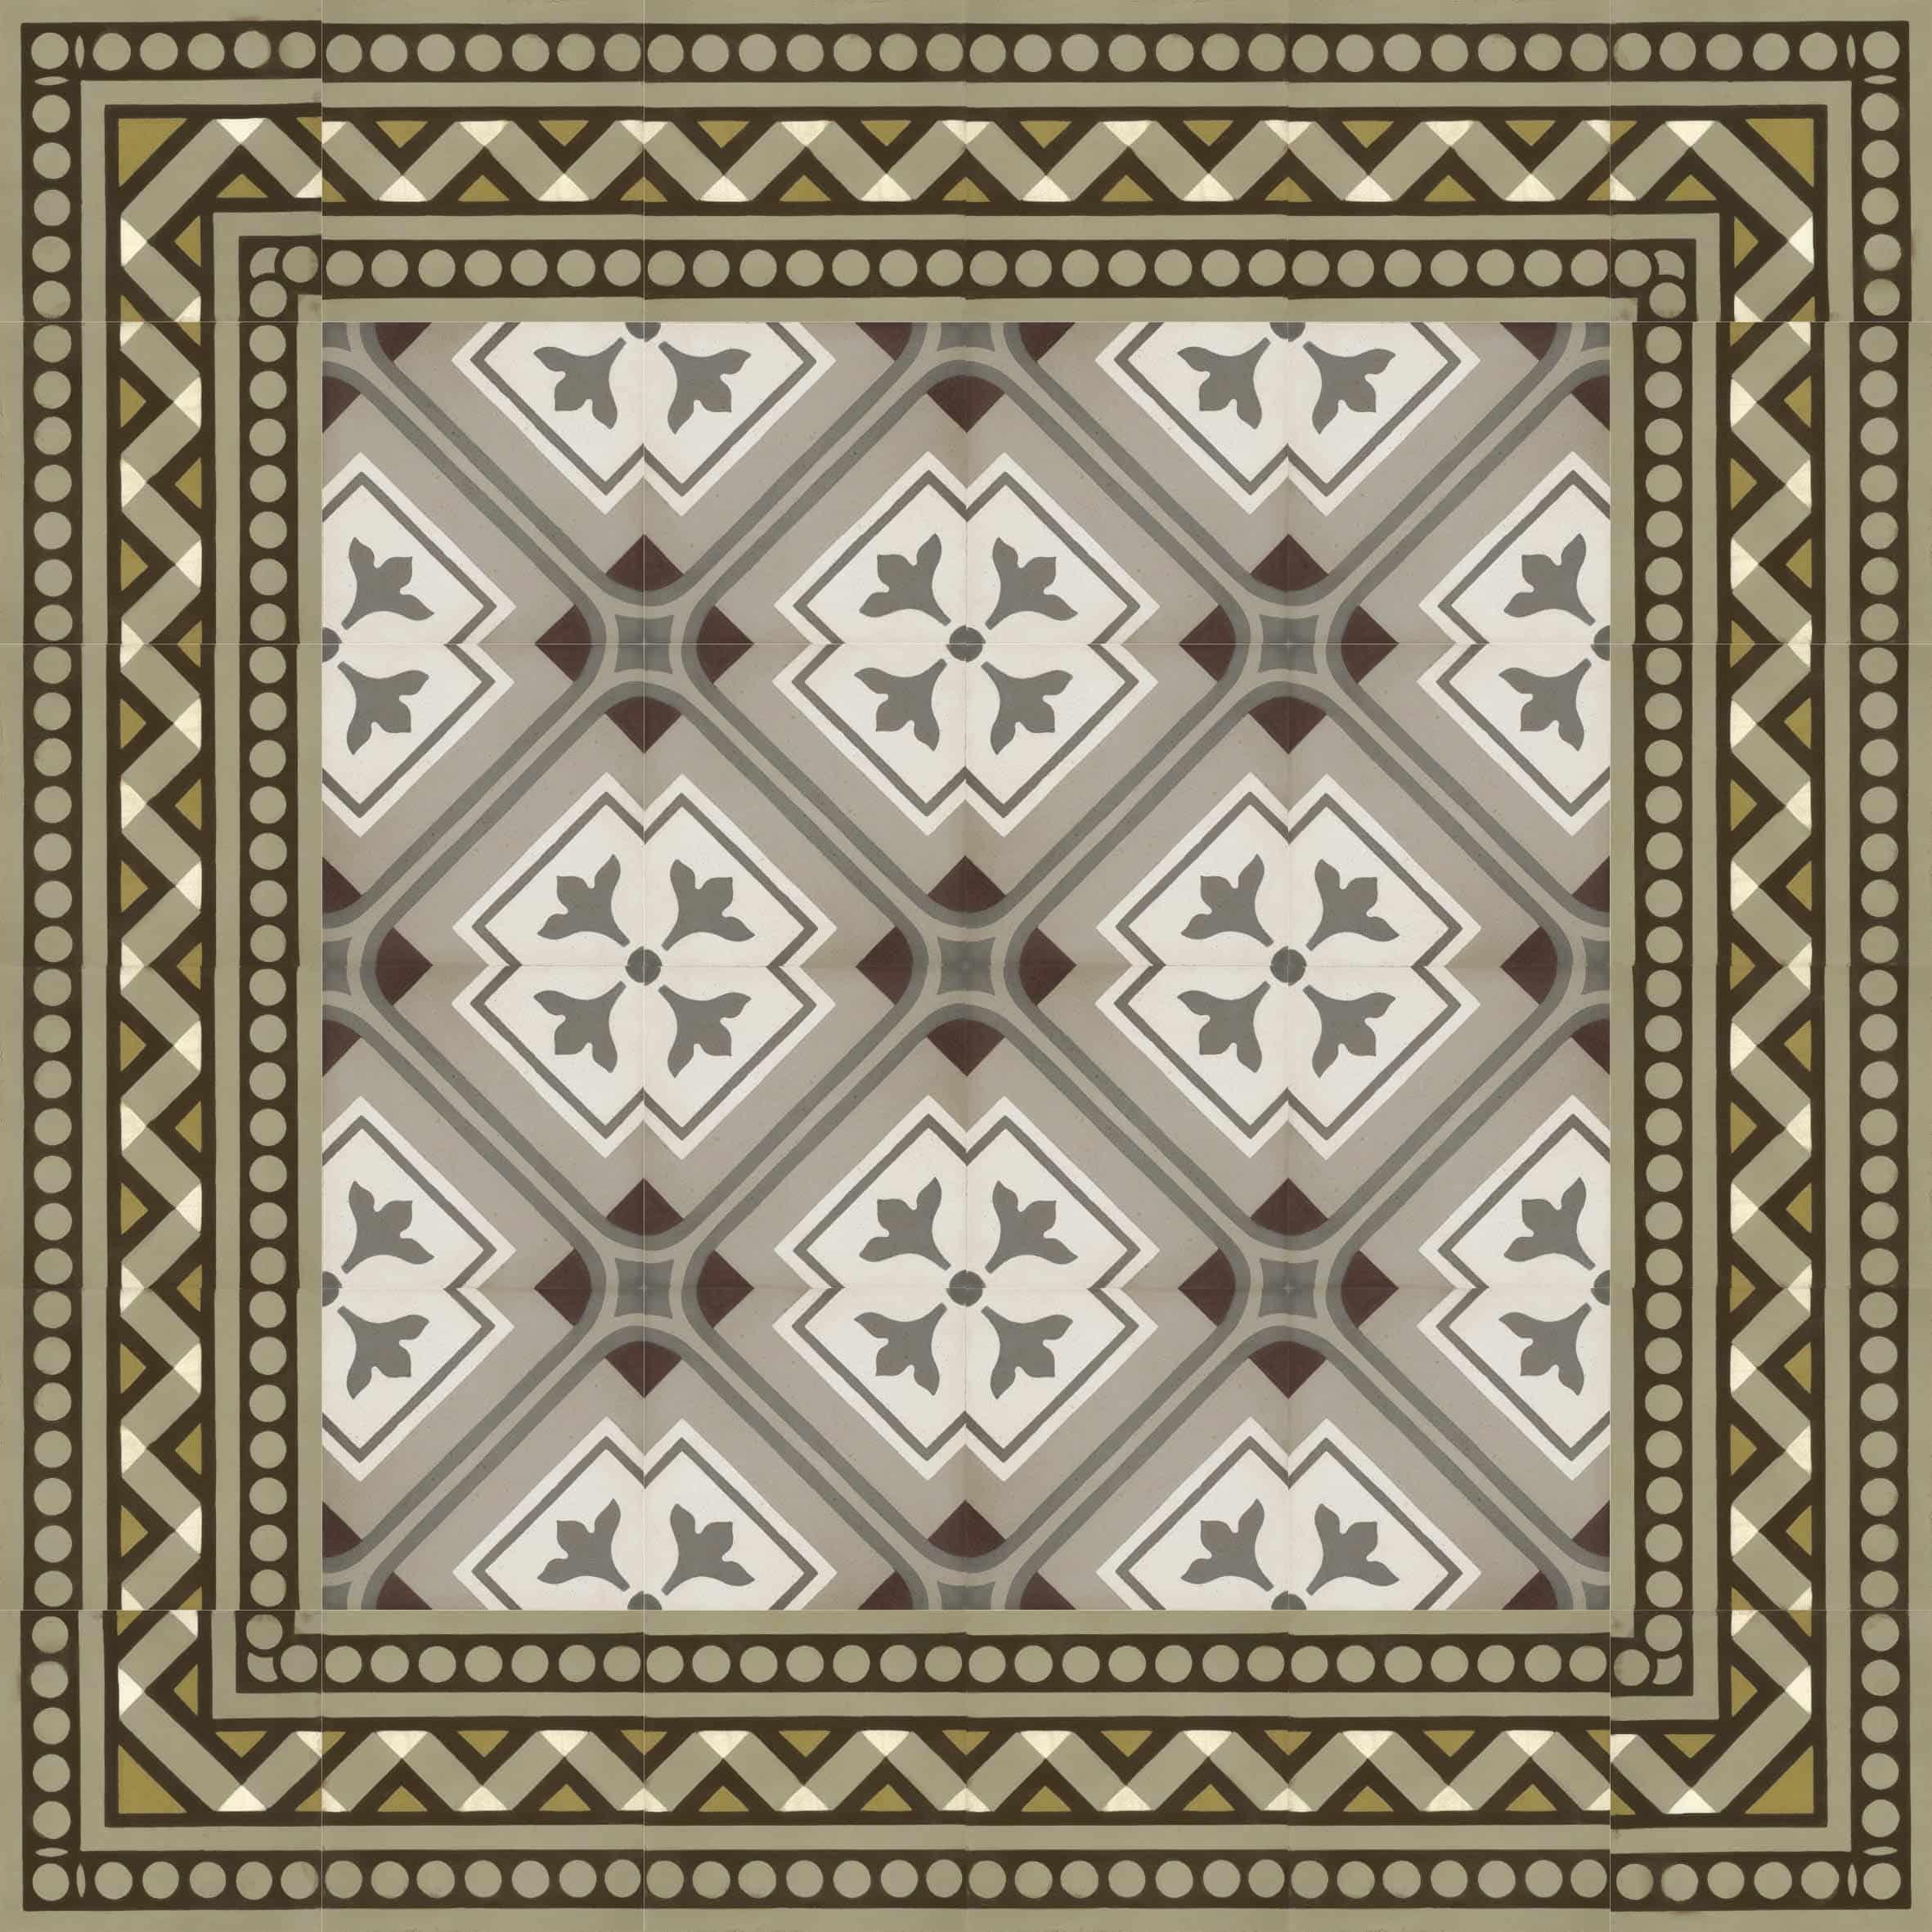 zementfliesen-terrazzofliesen-kreidefarbe-terrazzo-fugenlos-viaplatten-51114-verlegemuster | 53114/168